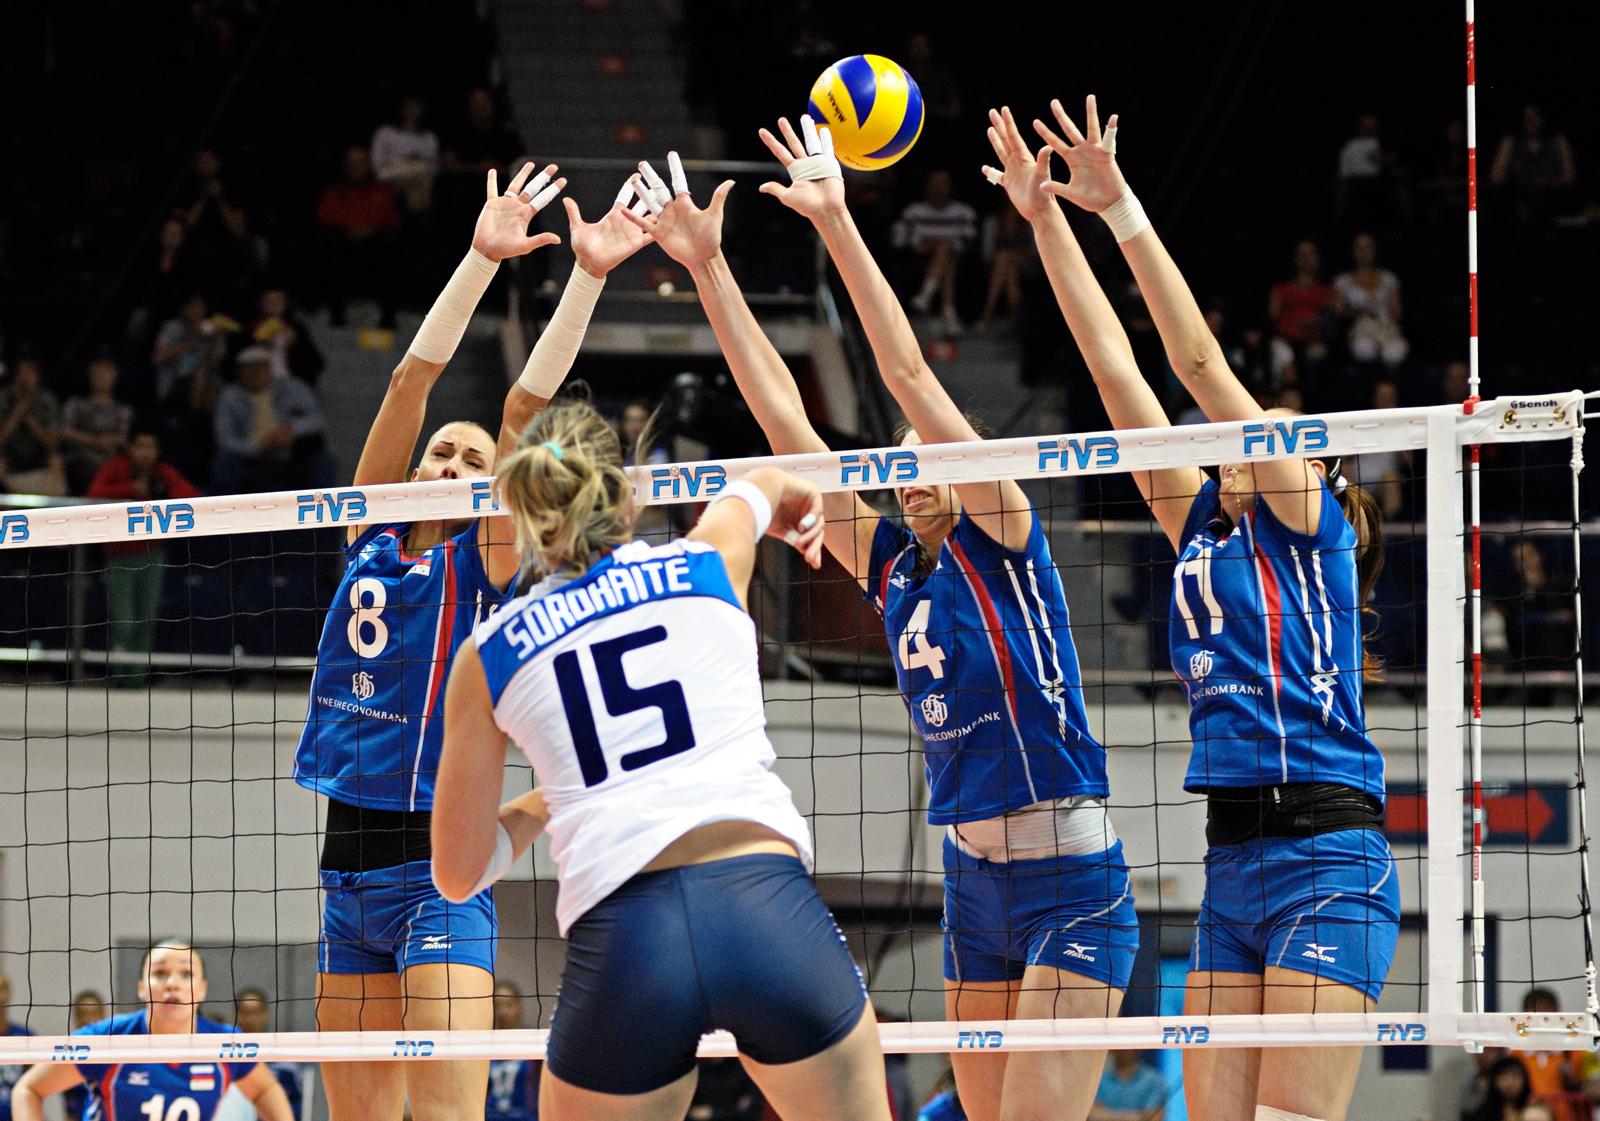 Российские волейболистки выиграли Кубок Ельцина